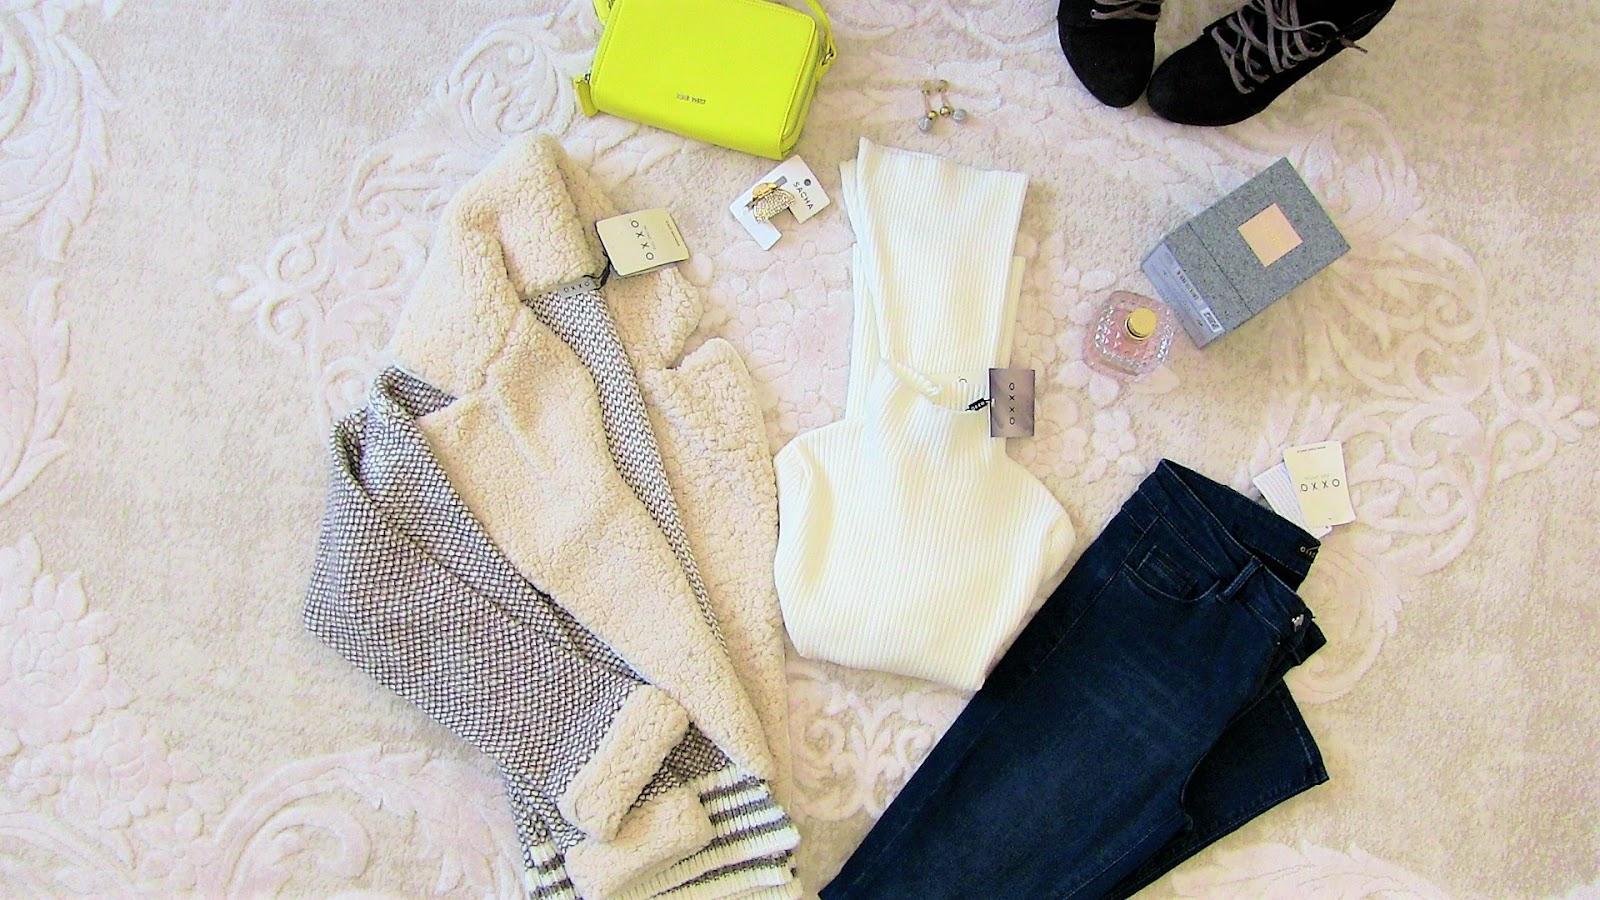 oxxo yakası kürk hırka, oxxo kot pantolon, oxxo beyaz boğazlı triko, nine west çanta, bershka bot